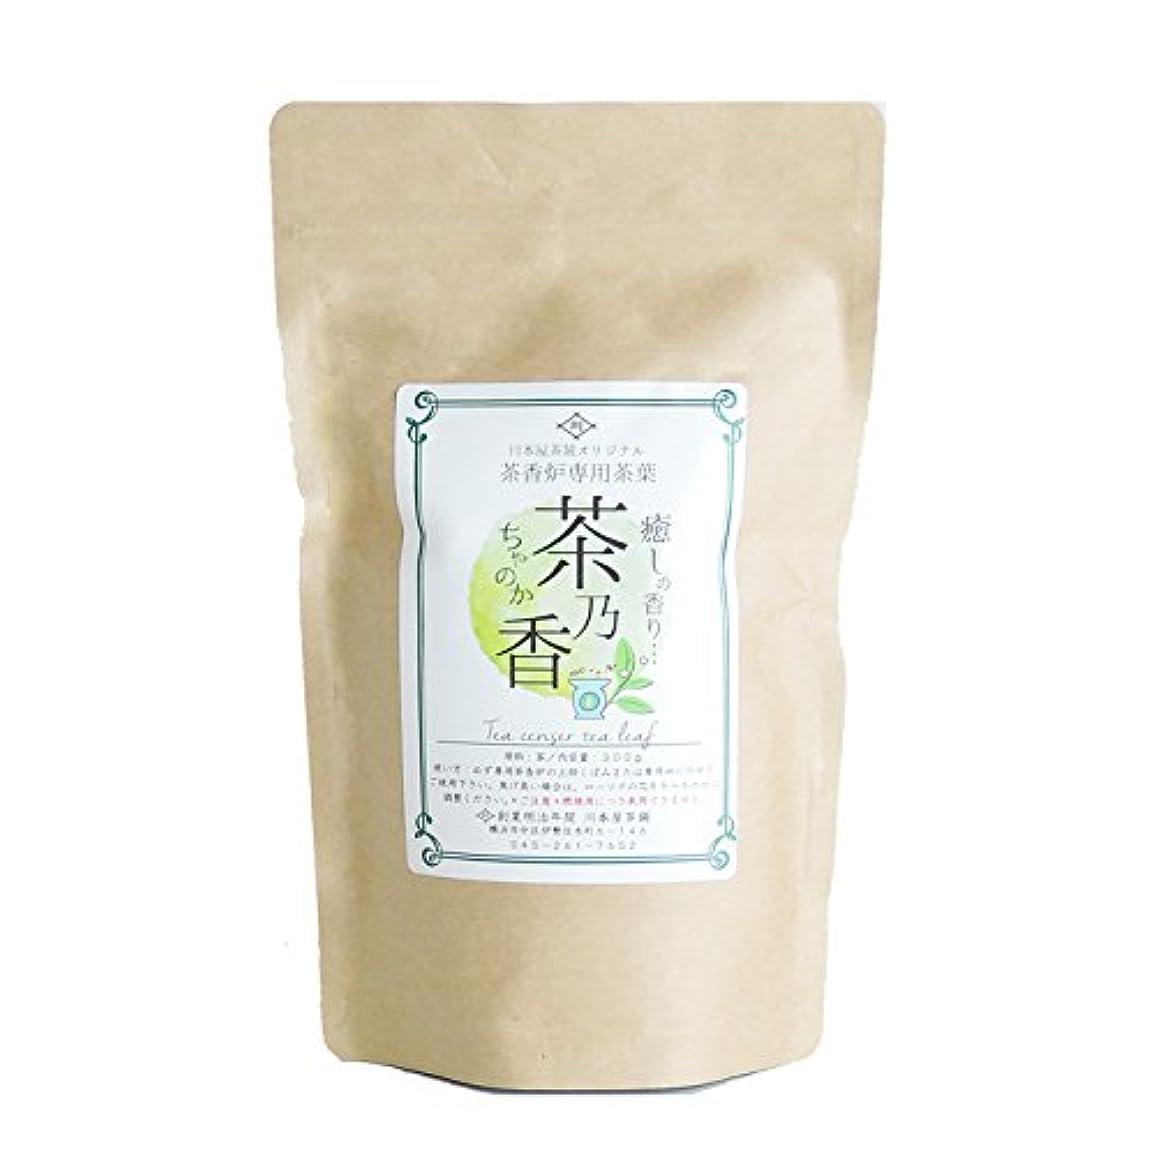 シャツ鉱夫呼び出す国産 茶香炉専用 茶葉 「茶乃香」300g 川本屋茶舗